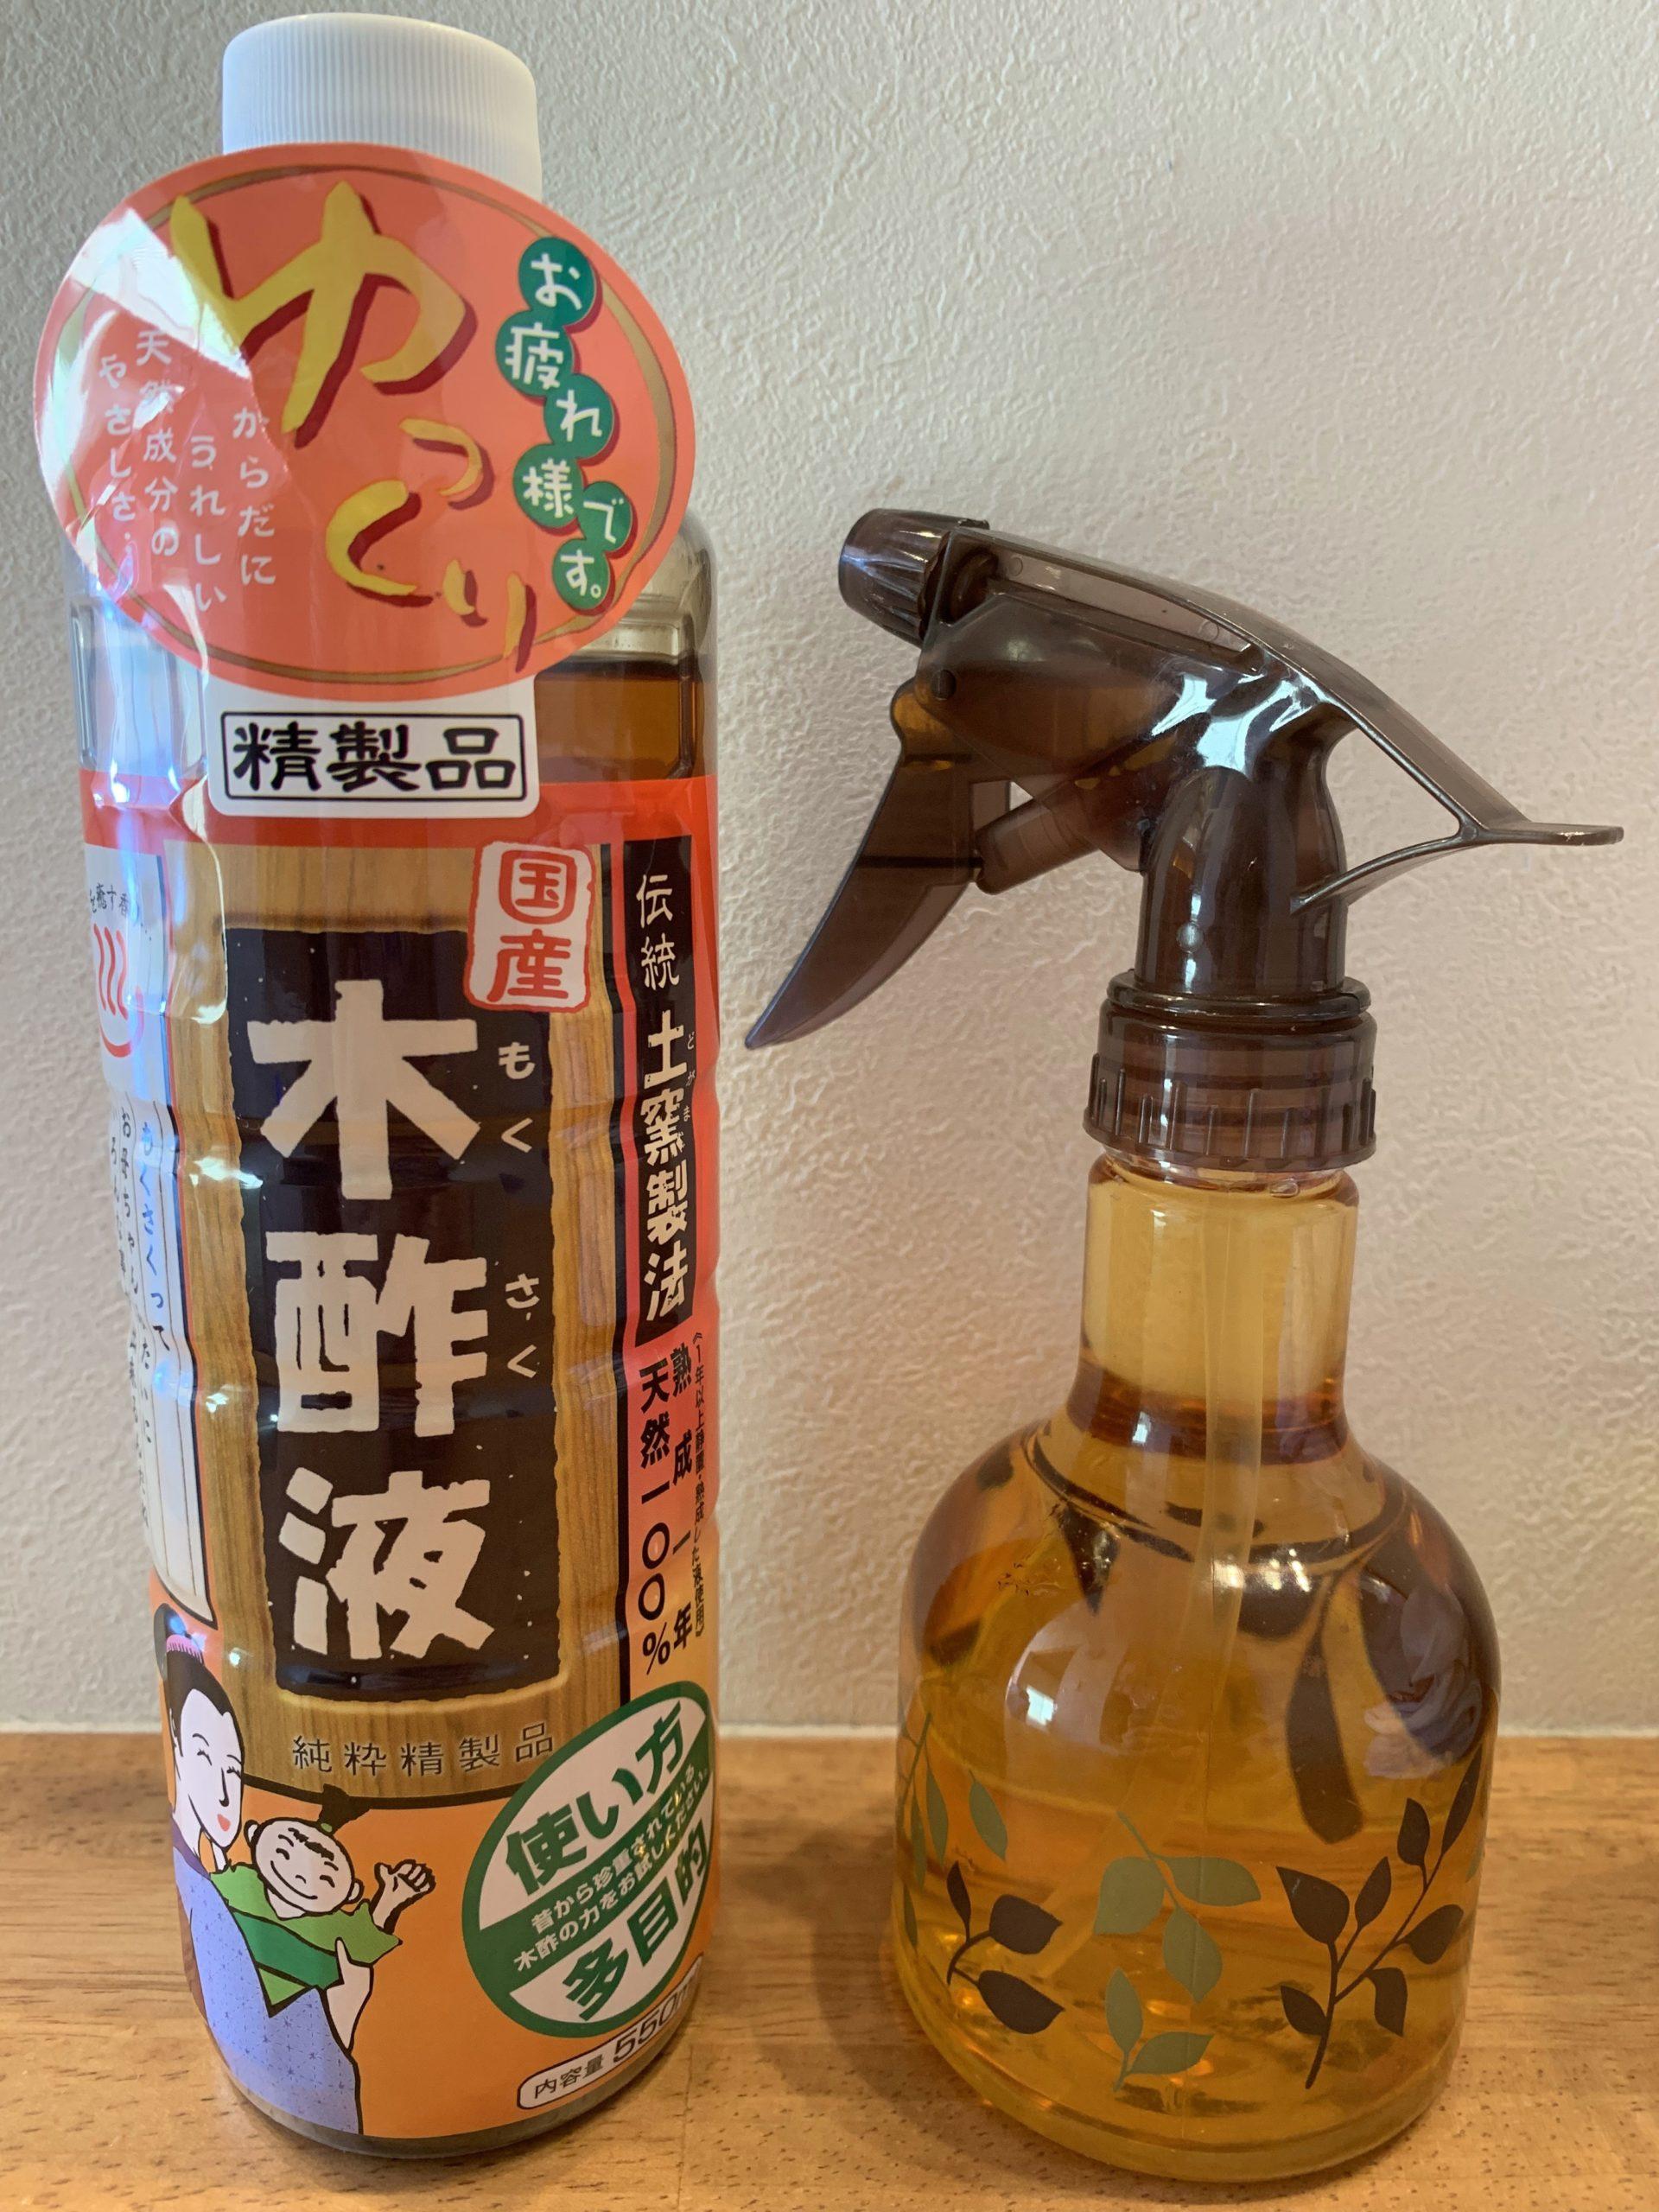 アシナガバチ・蜂の巣作り対策は?業者に頼むといくらかかるの?